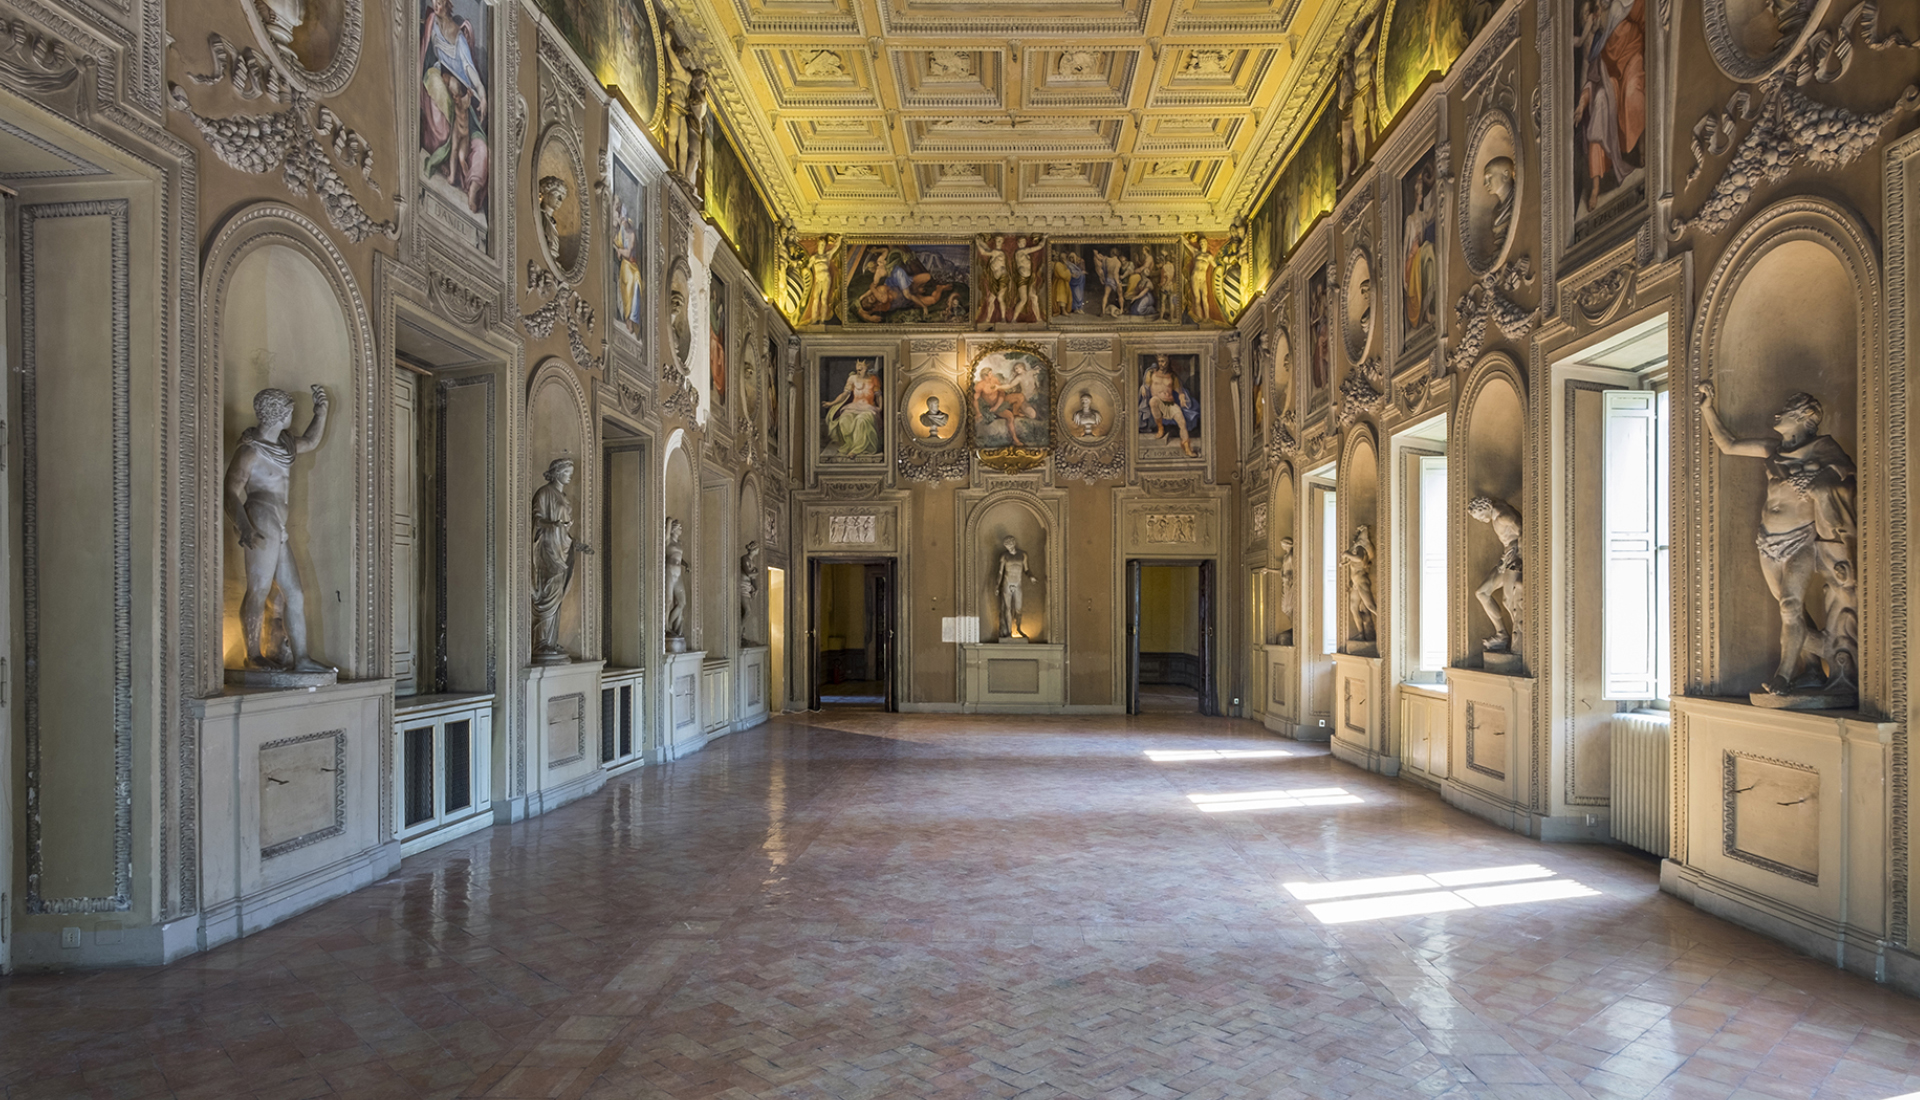 Римский дворец из фильма «Великая красота» выставлен на продажу